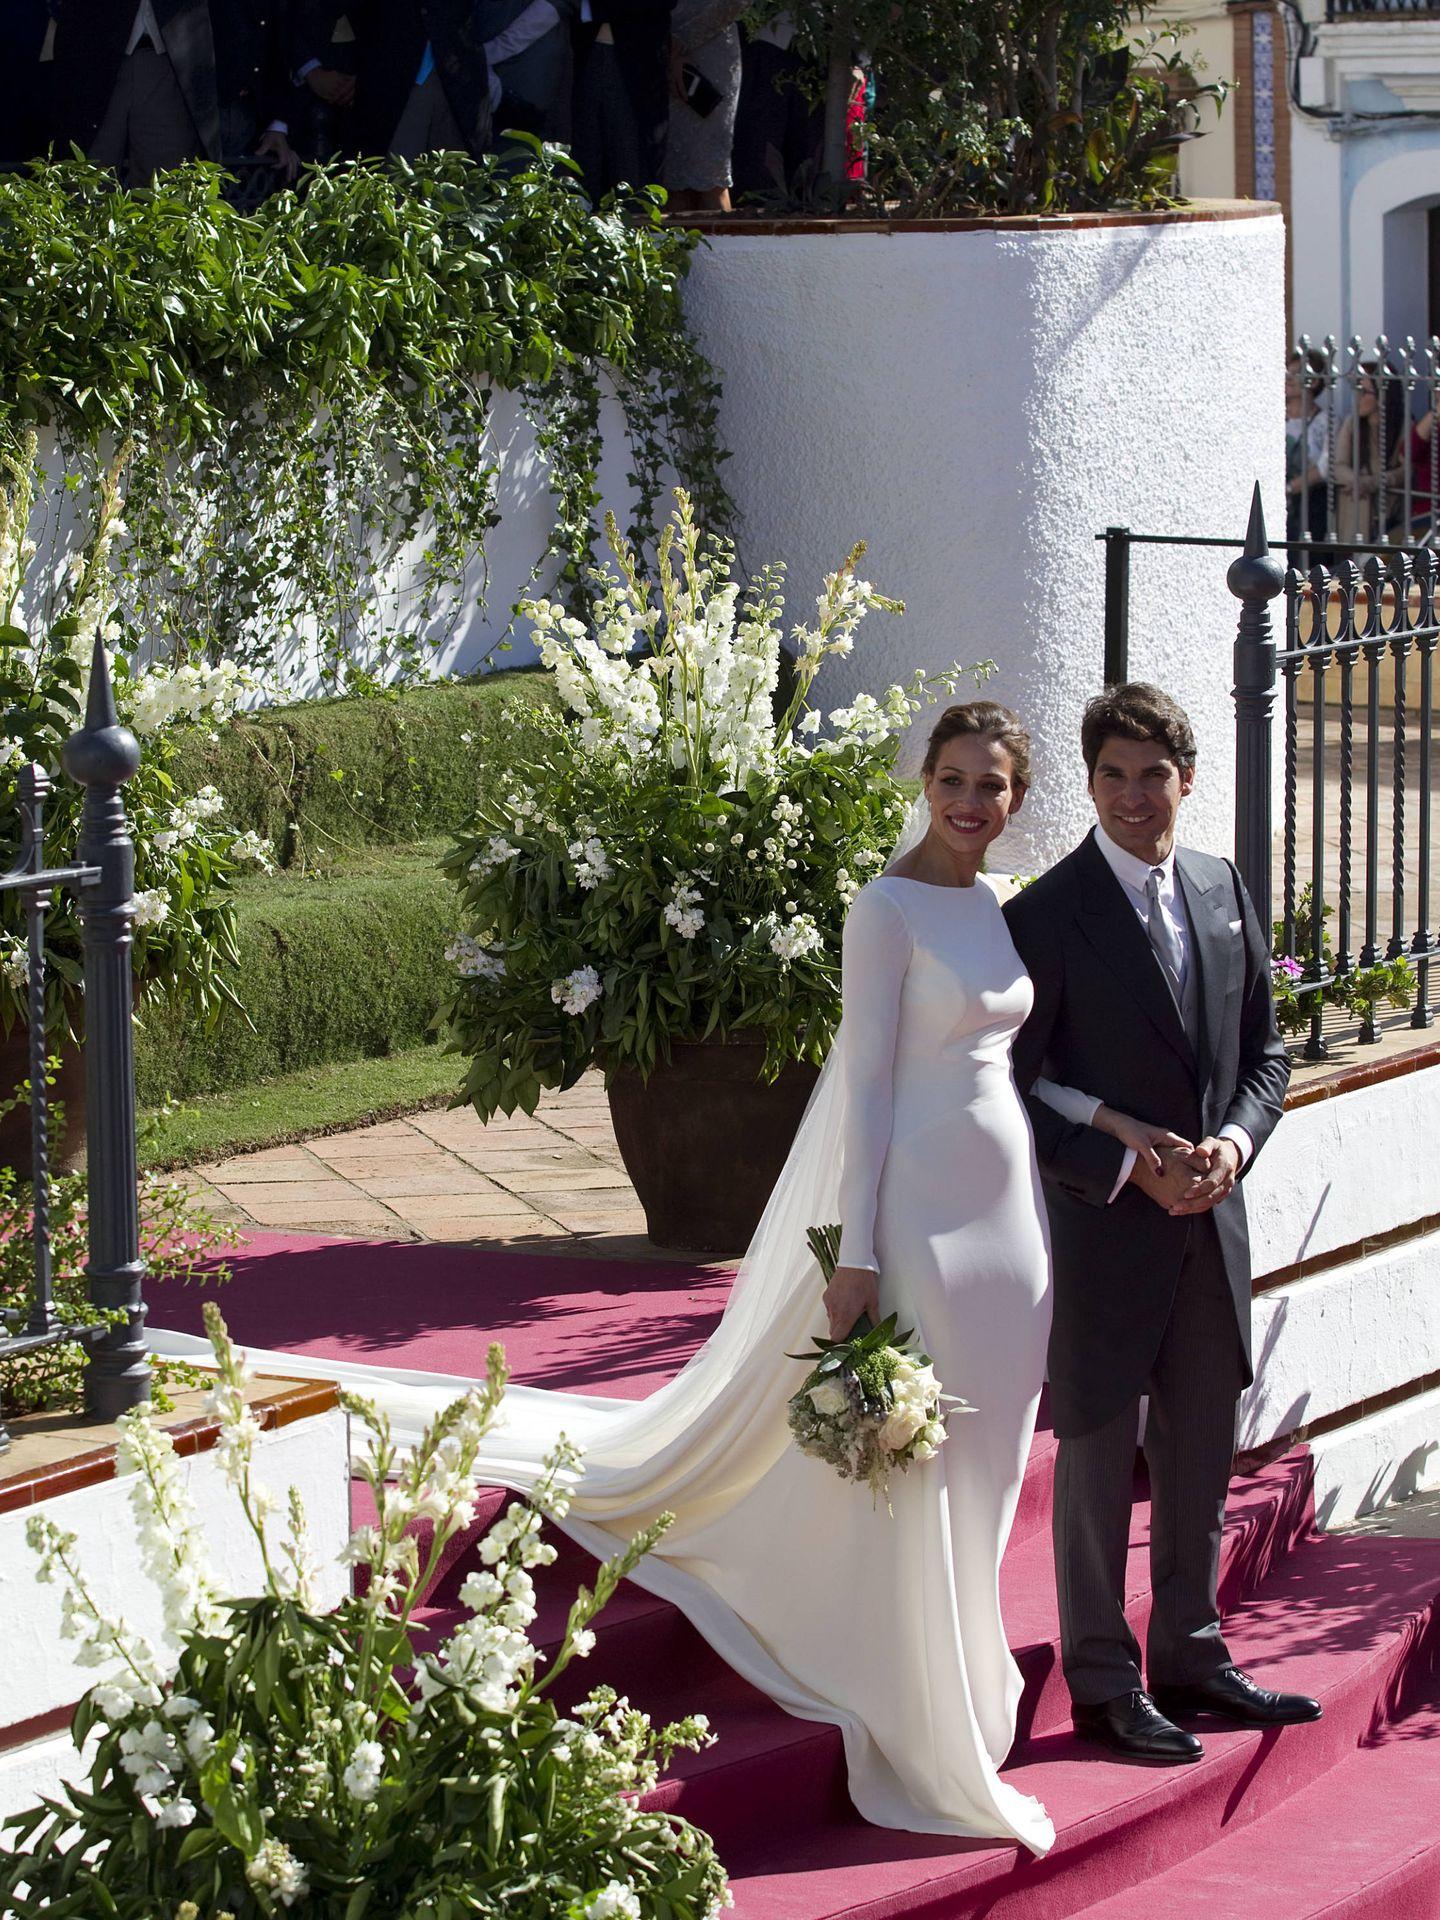 La boda de Cayetano y Eva. (Getty)